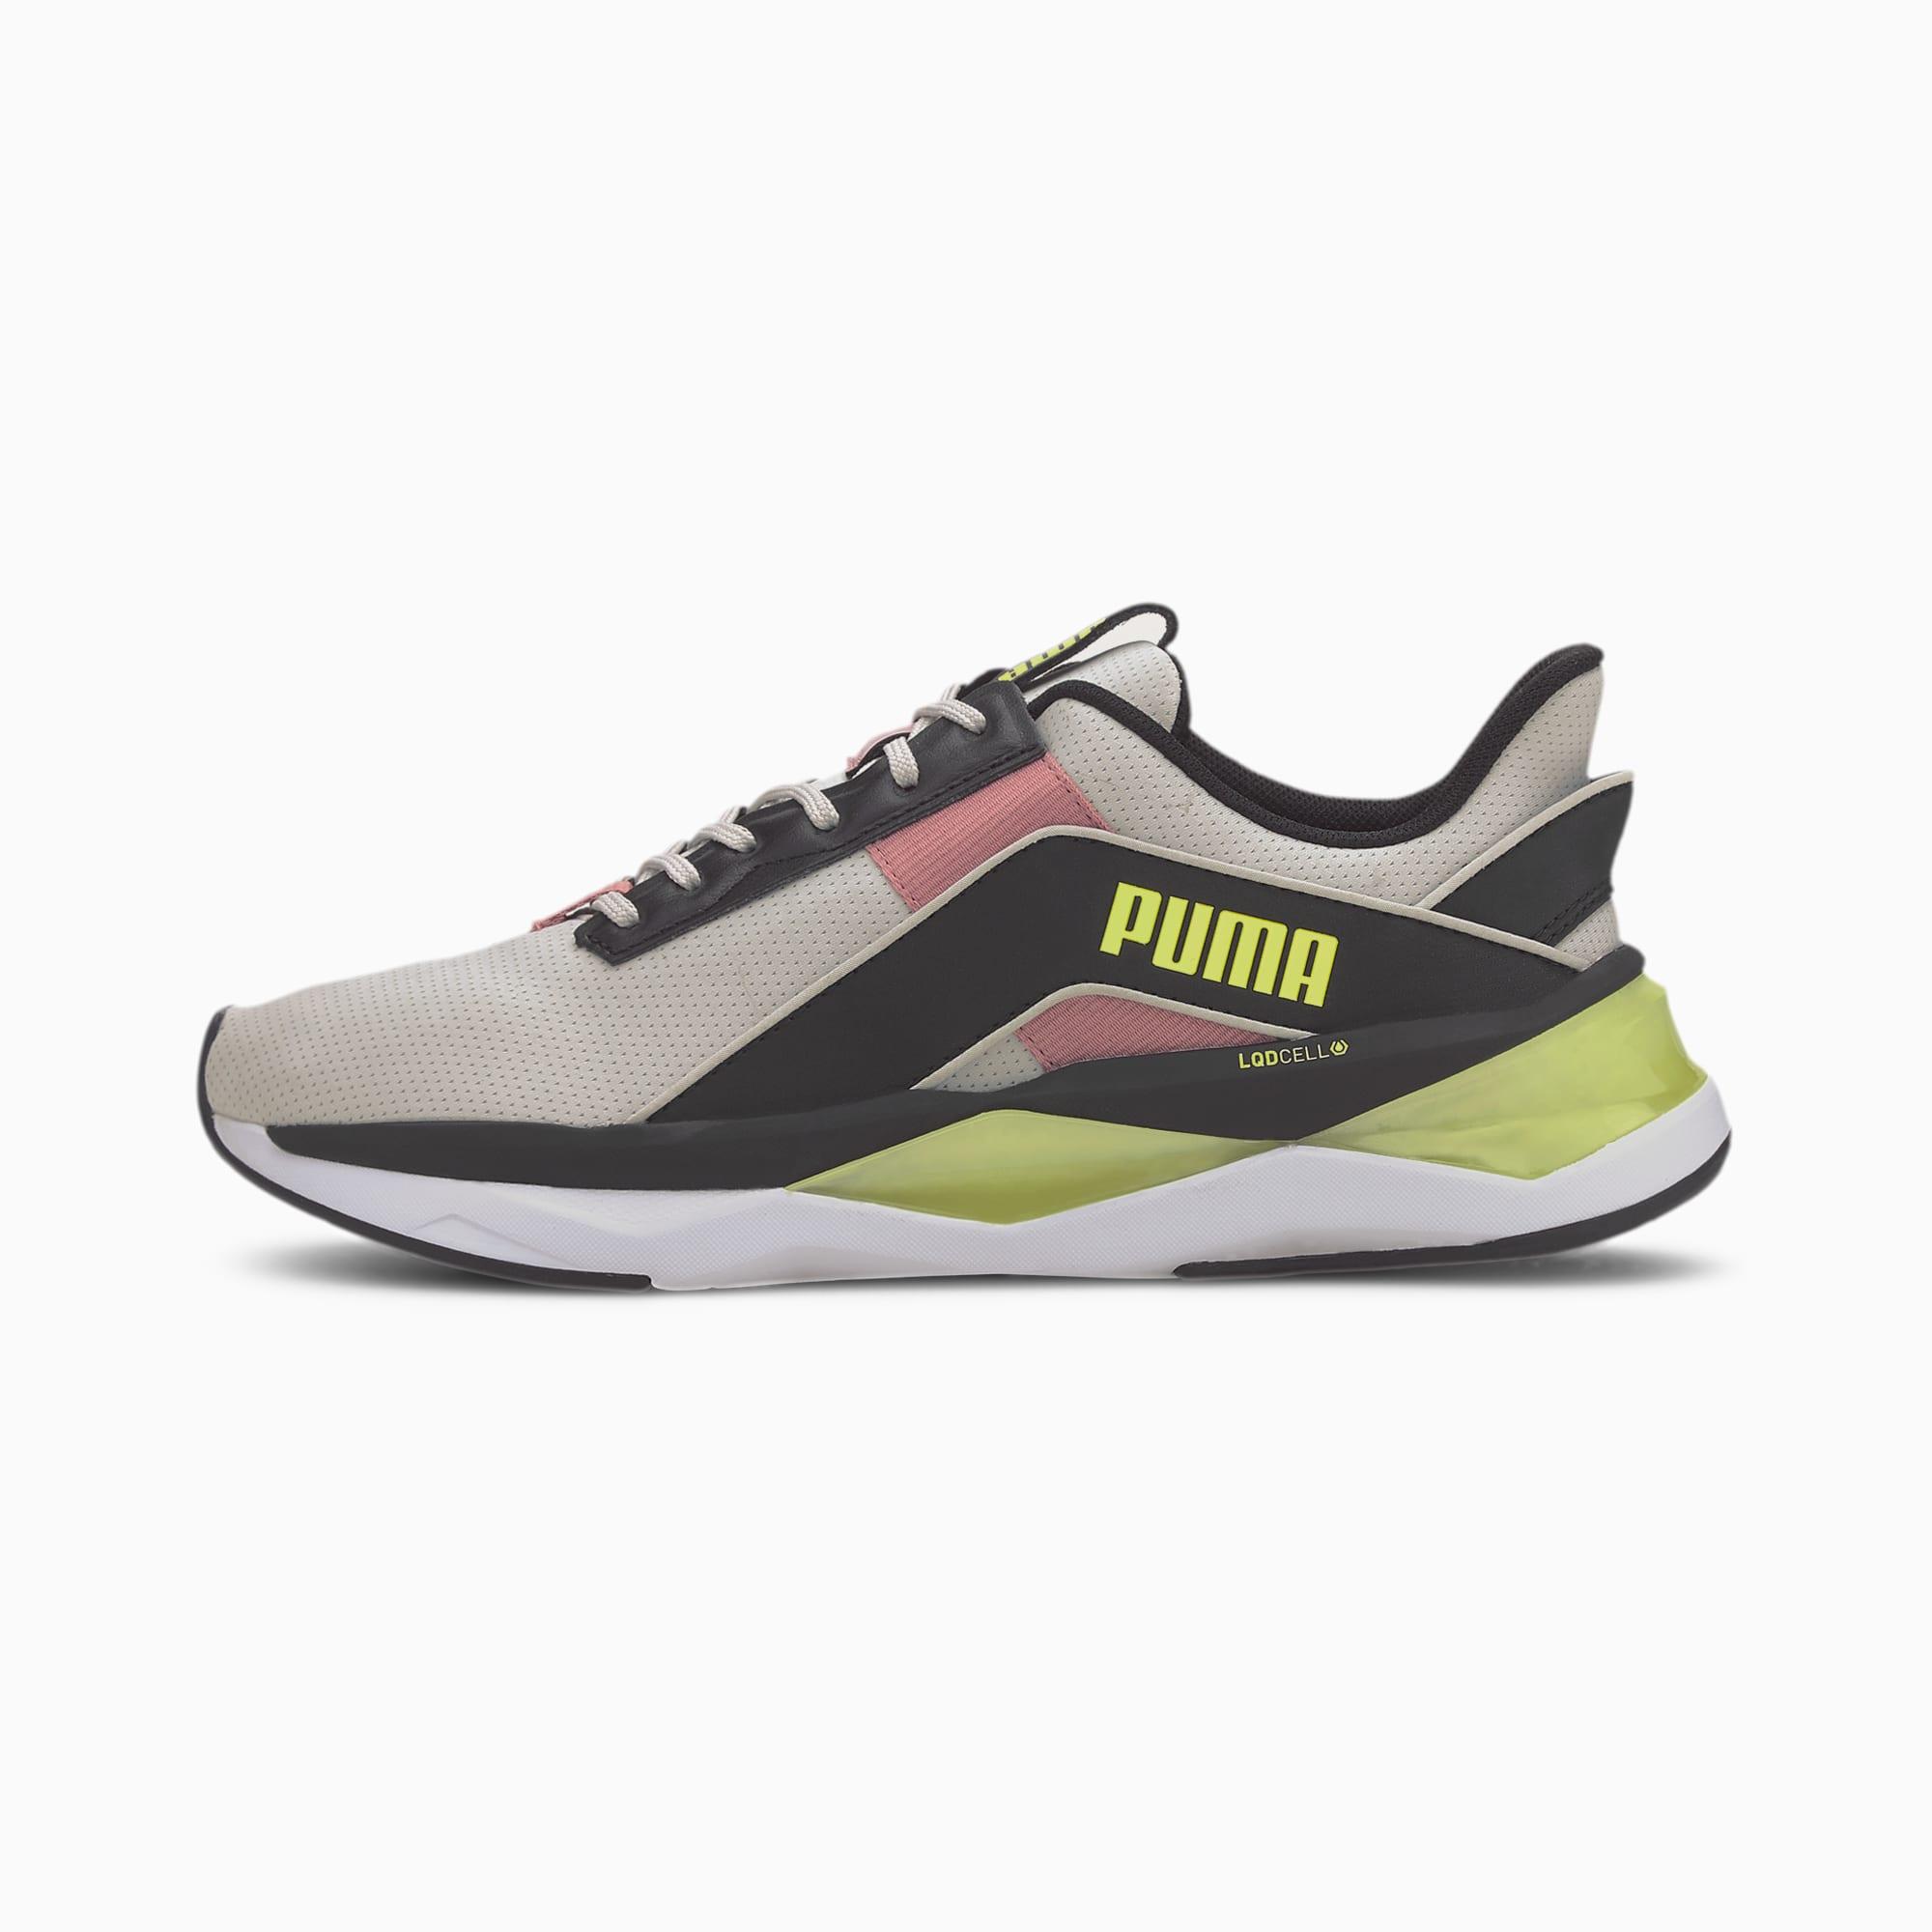 PUMA Chaussures de sport LQDCELL Shatter XT Geo femme, Gris/Noir, Taille 36, Chaussures